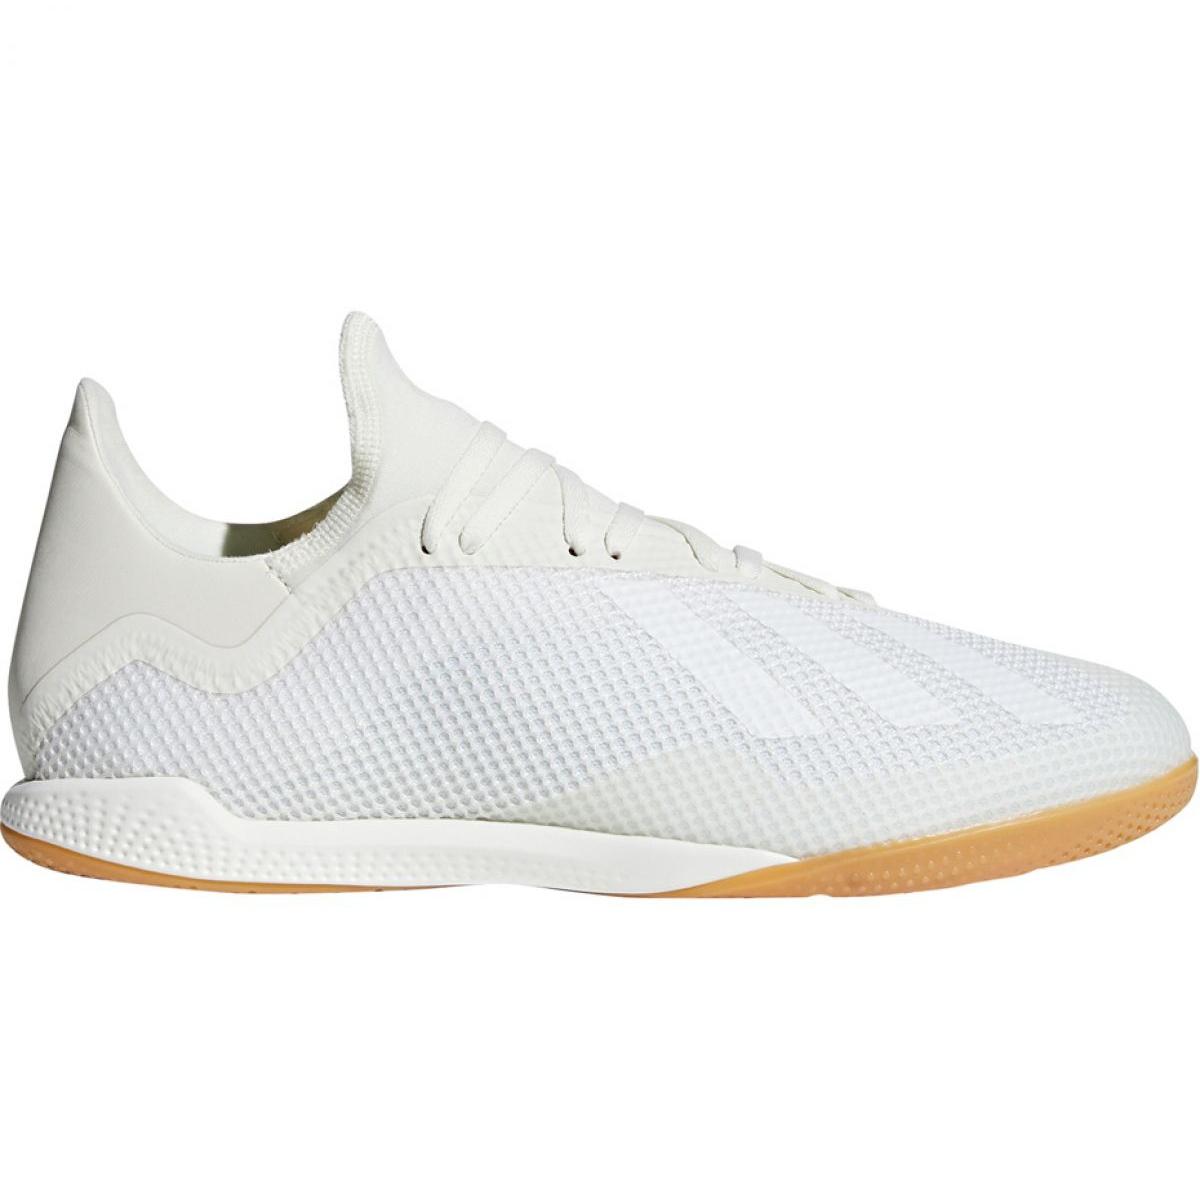 Beltéri cipő adidas X Tango 18.3 az M DB2439 ben bézs fehér